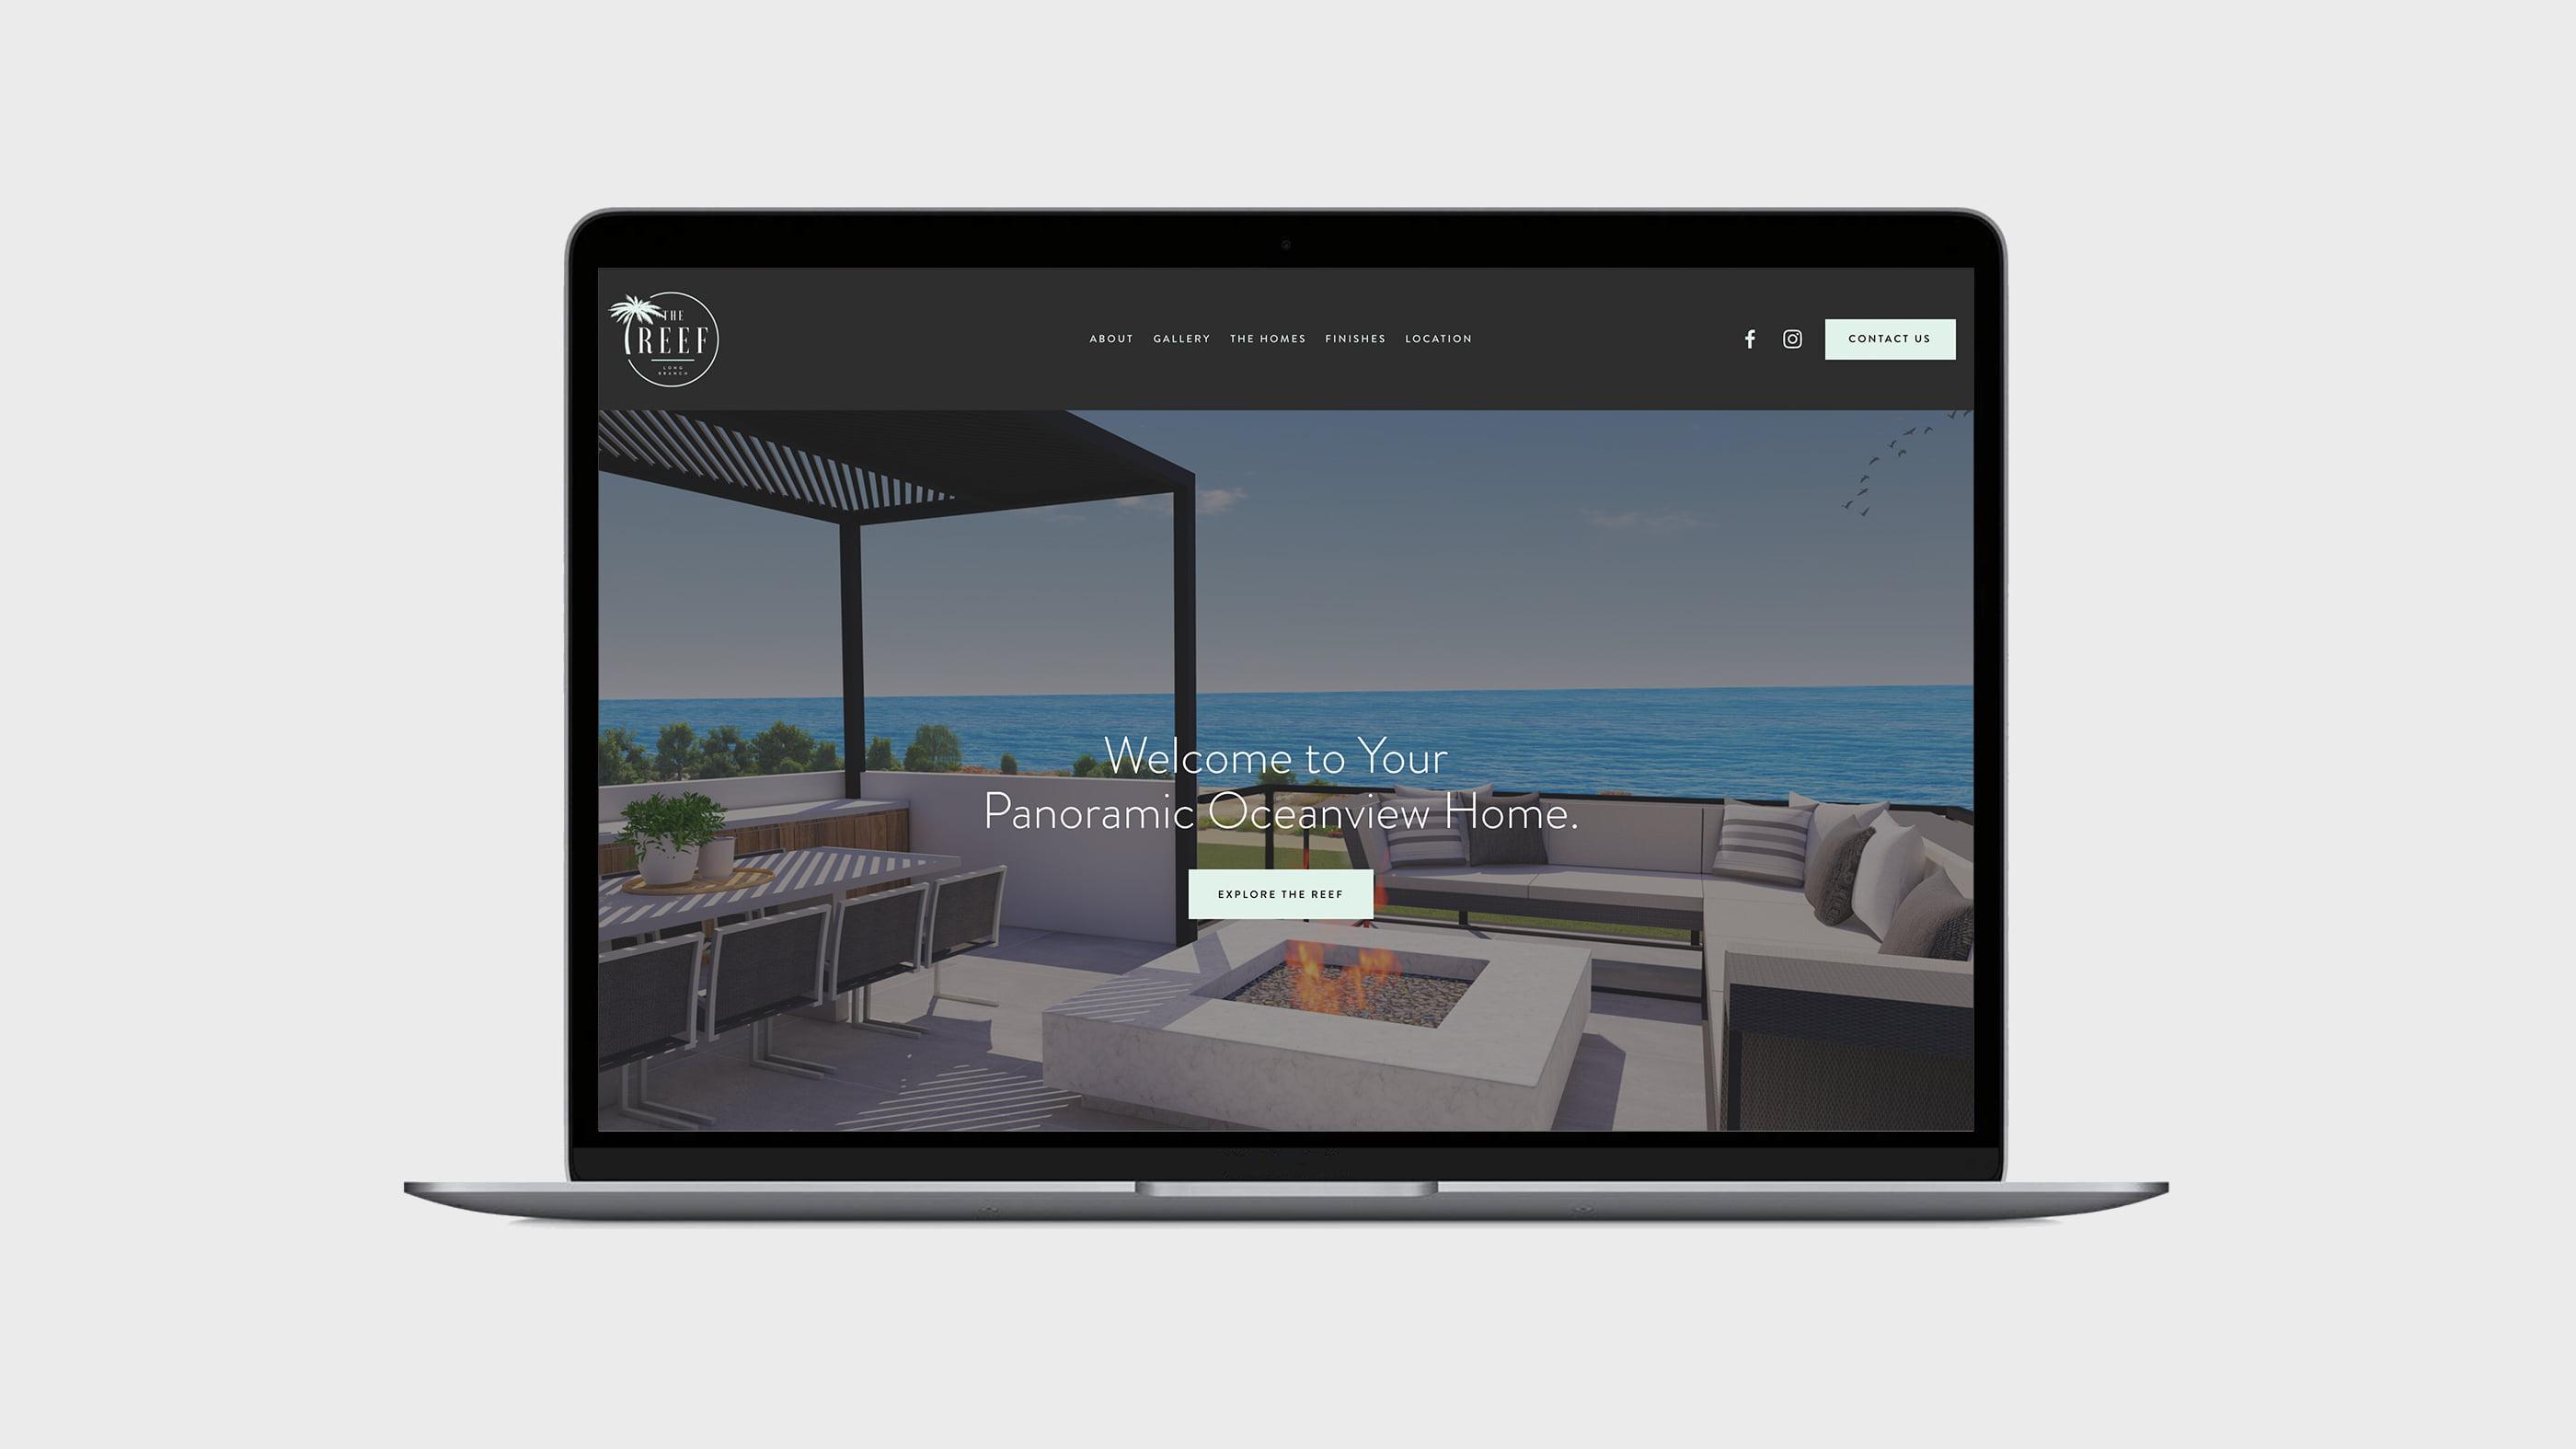 The Reef Website Design